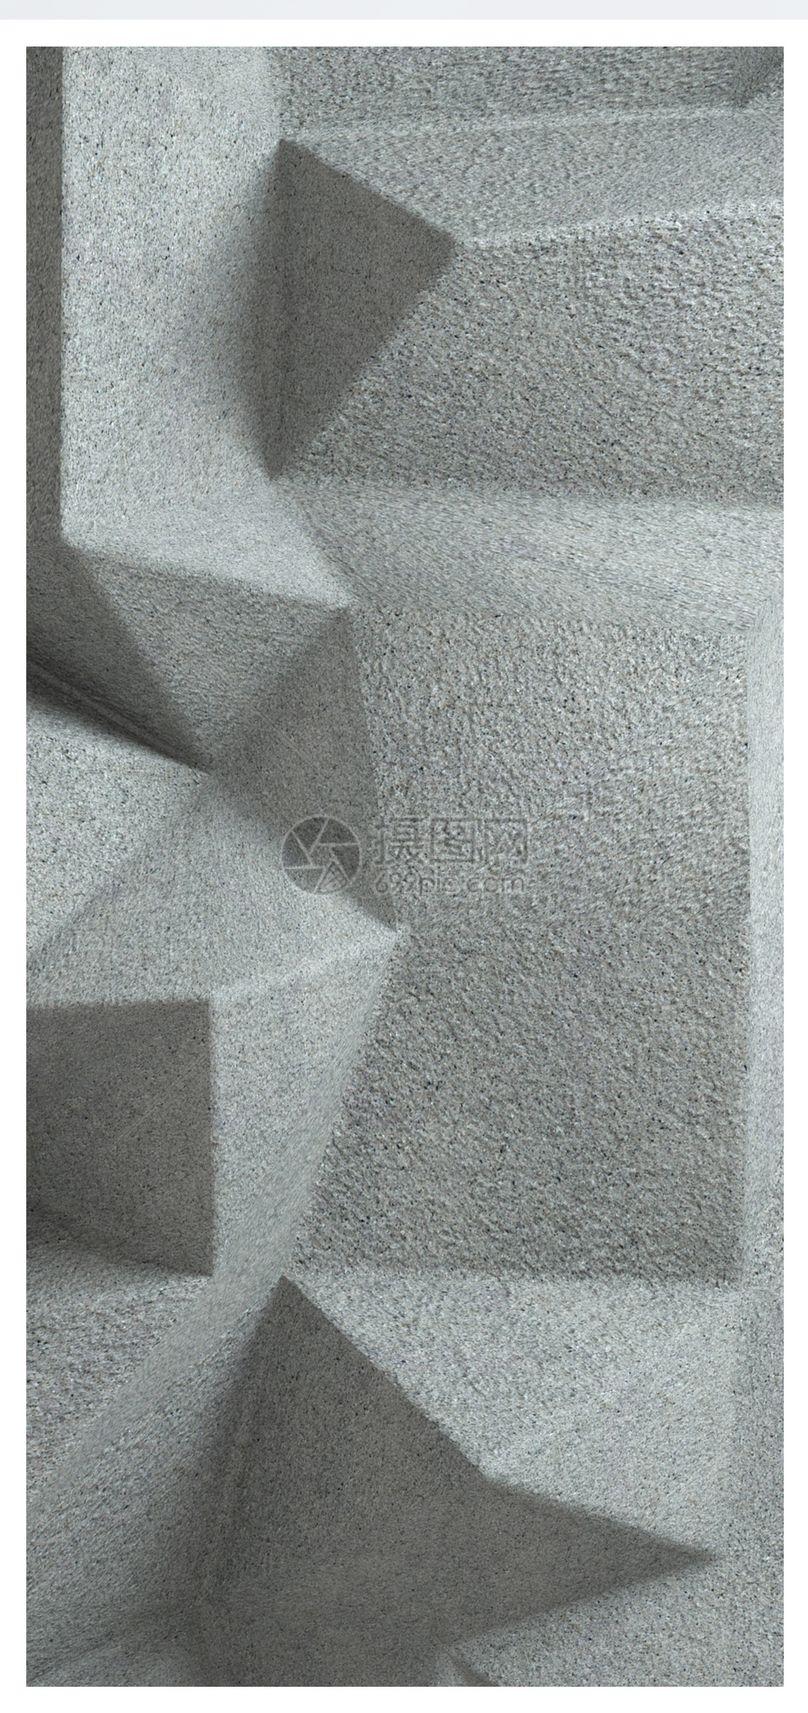 水泥立体背景手机壁纸图片